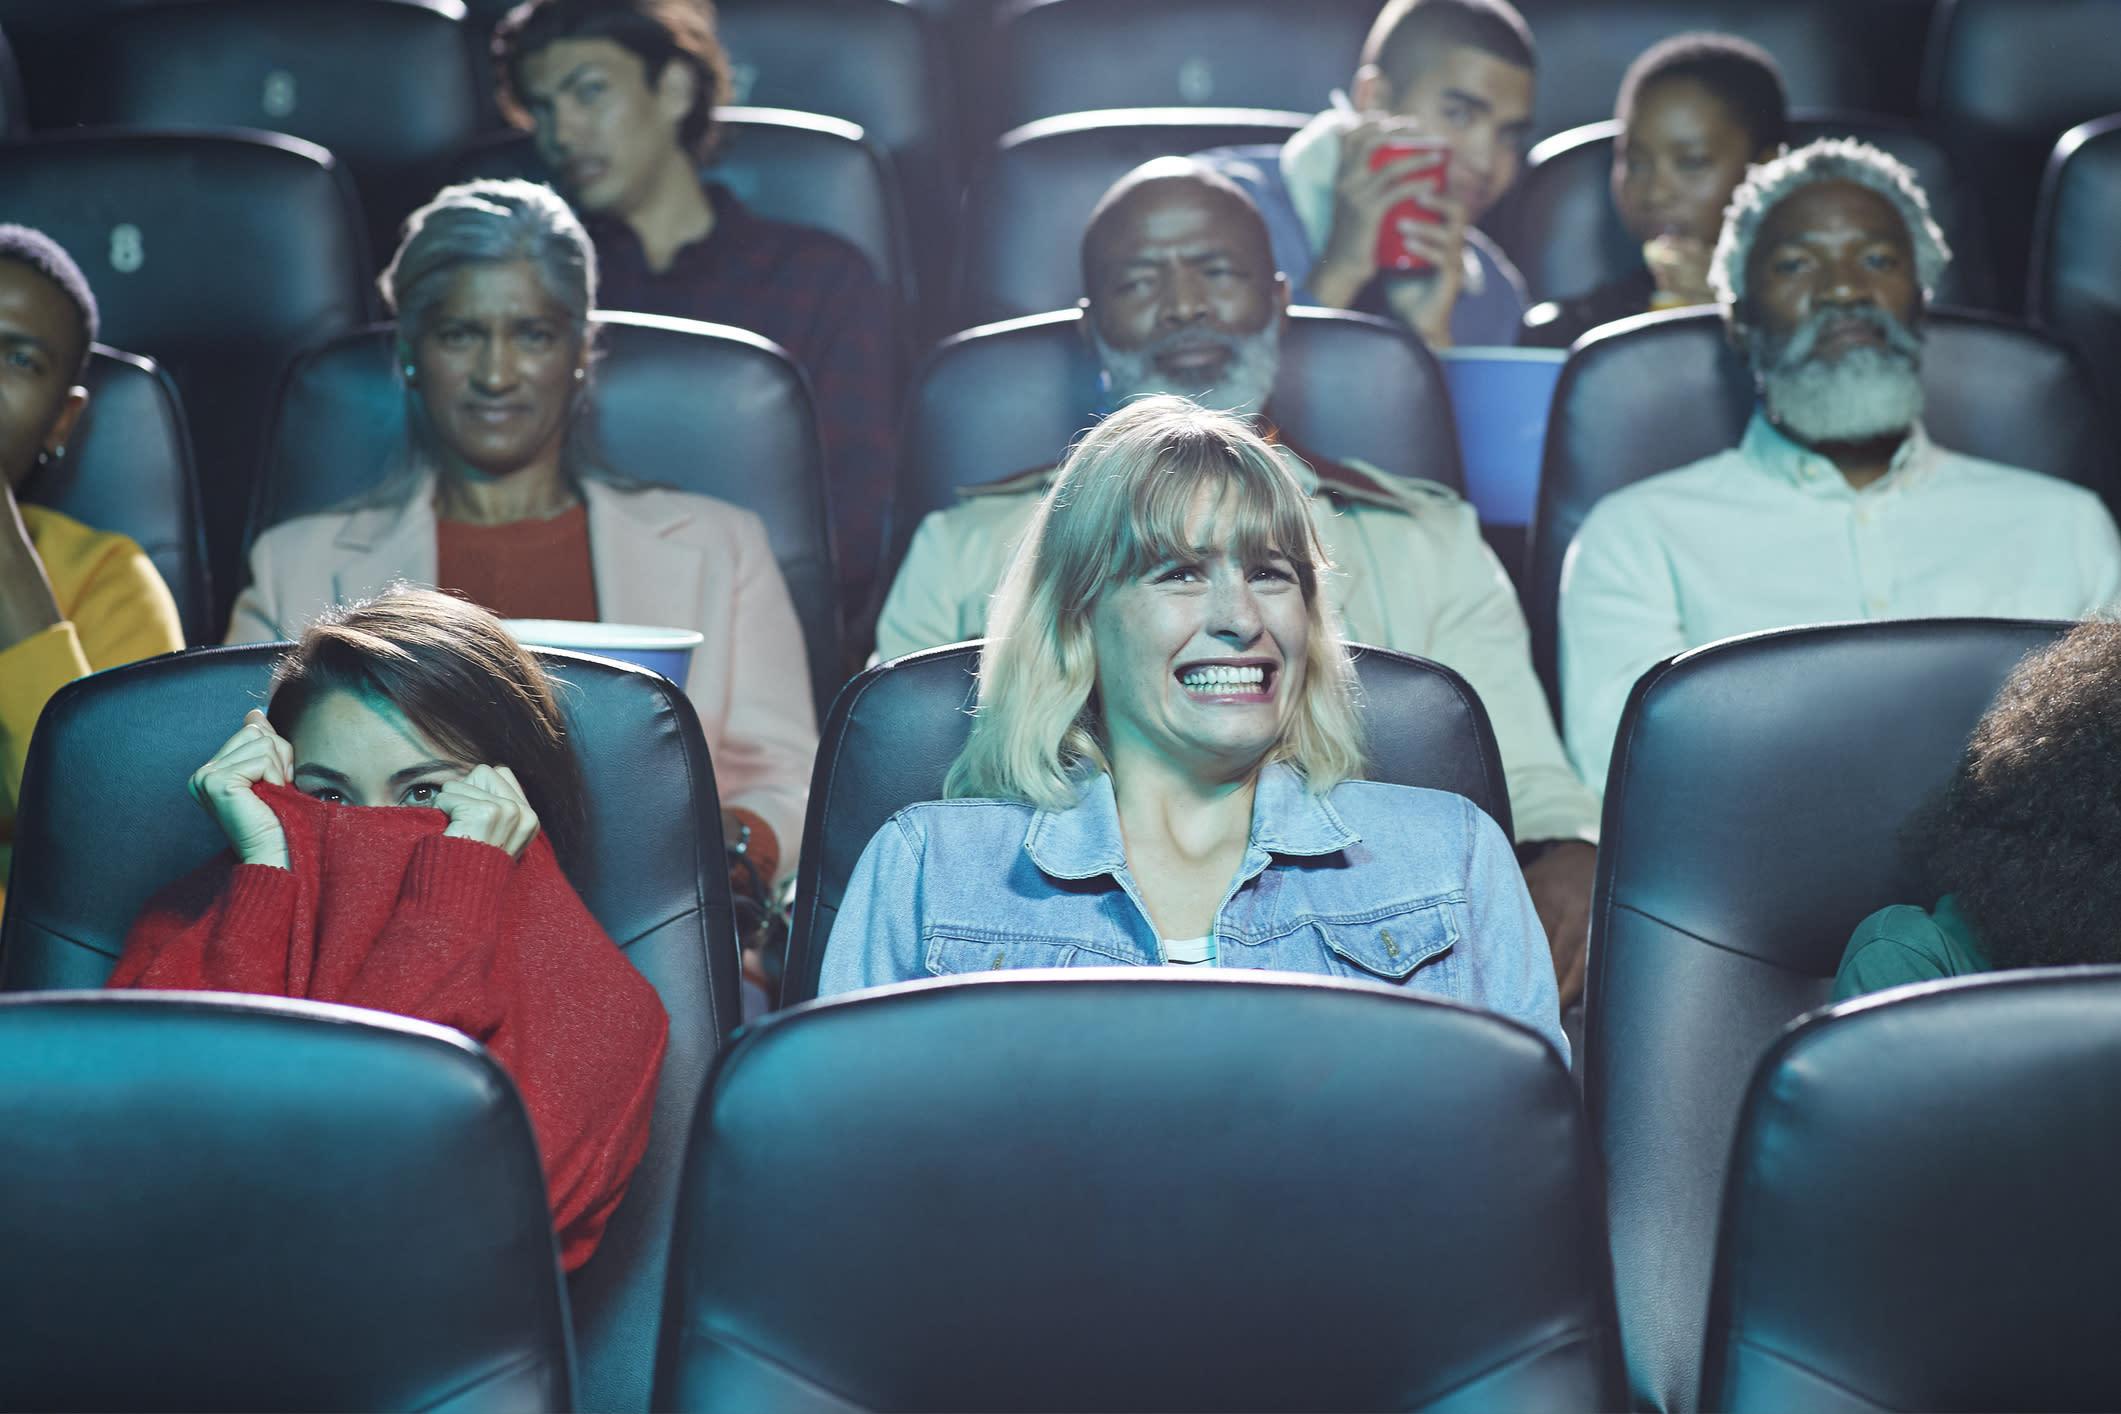 6 ways to get cheap movie tickets